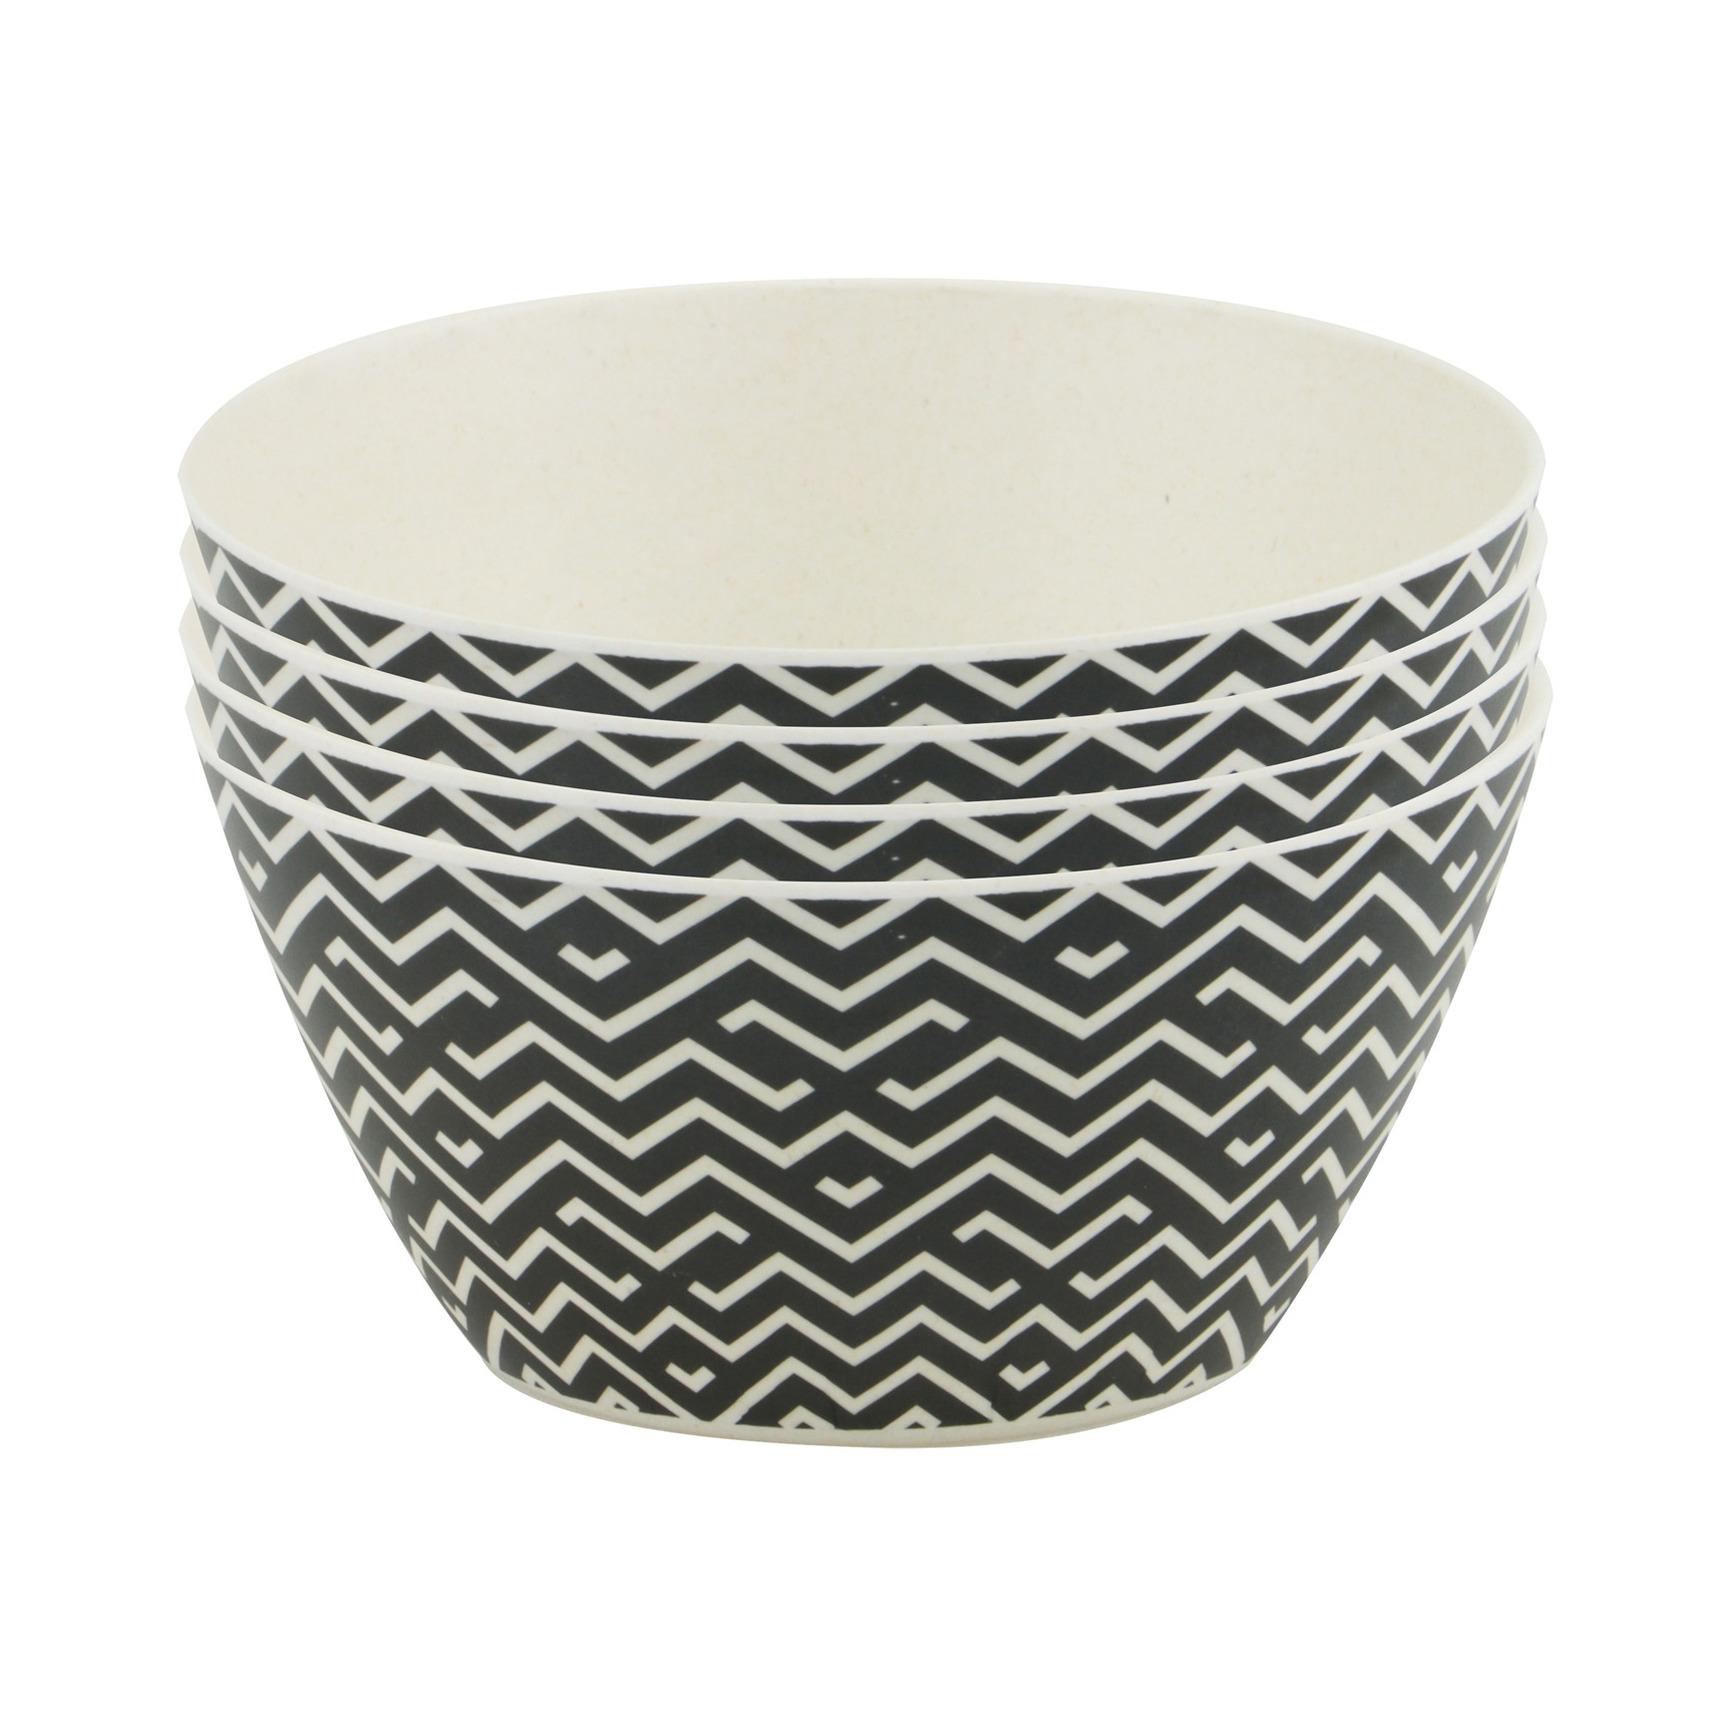 4x Bamboe schaaltjes/kommetjes zwart/wit 14 cm zigzag print - Maison Bleu - Milieuvriendelijk servies - Snacks/toetjes serveren - Schaaltjes/kommetjes van hout - Keukenbenodigdheden